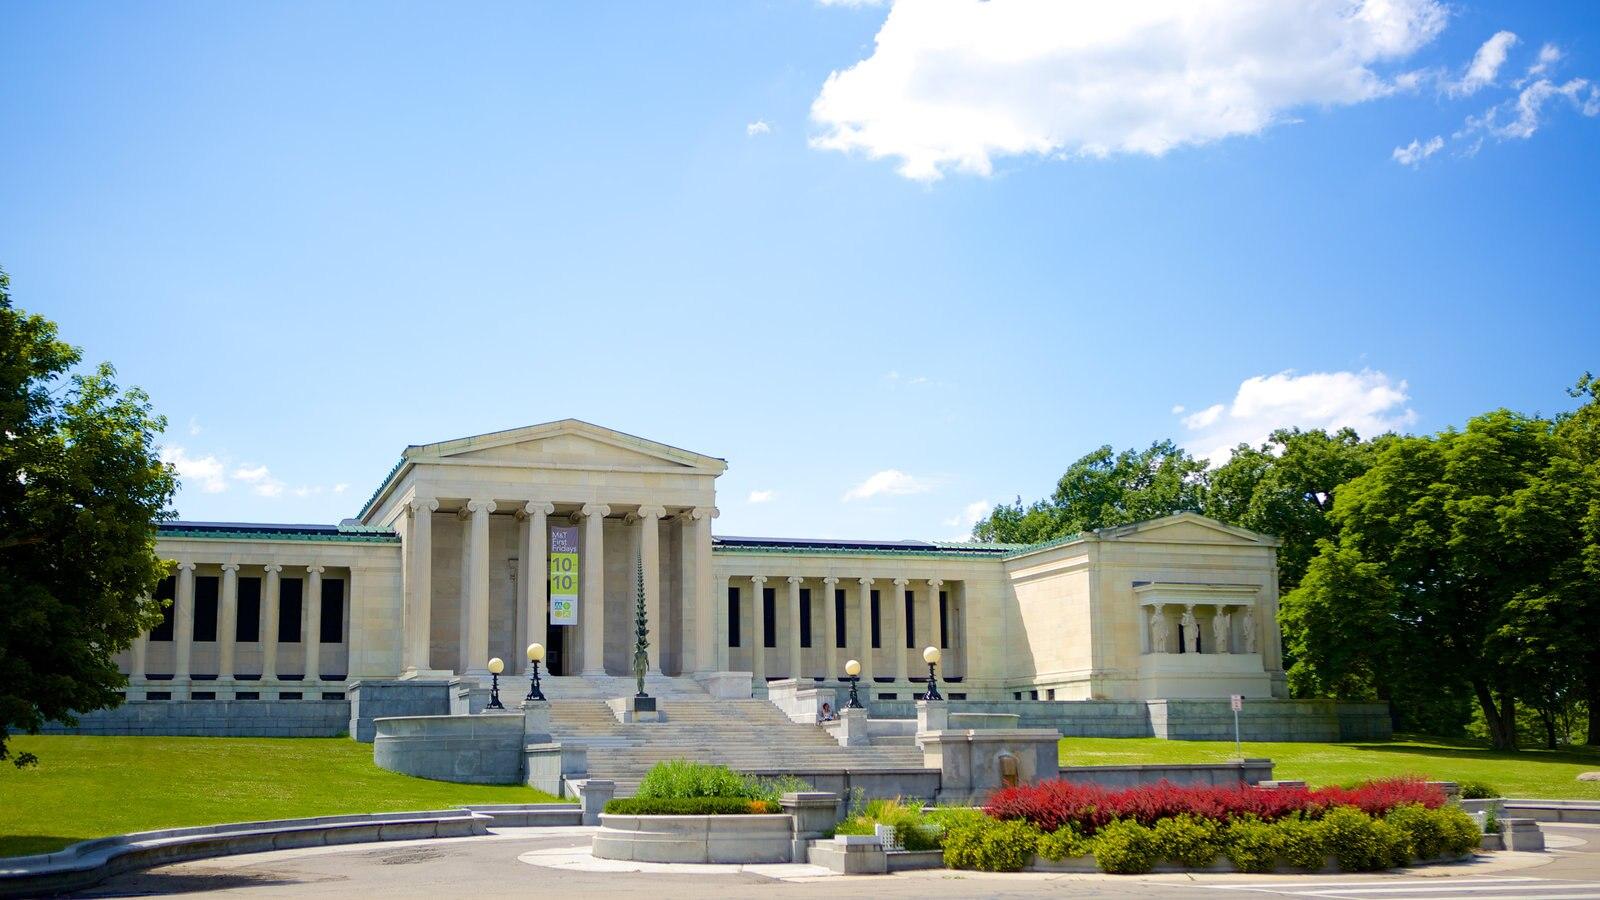 Delaware Park caracterizando um edifício administrativo e um jardim